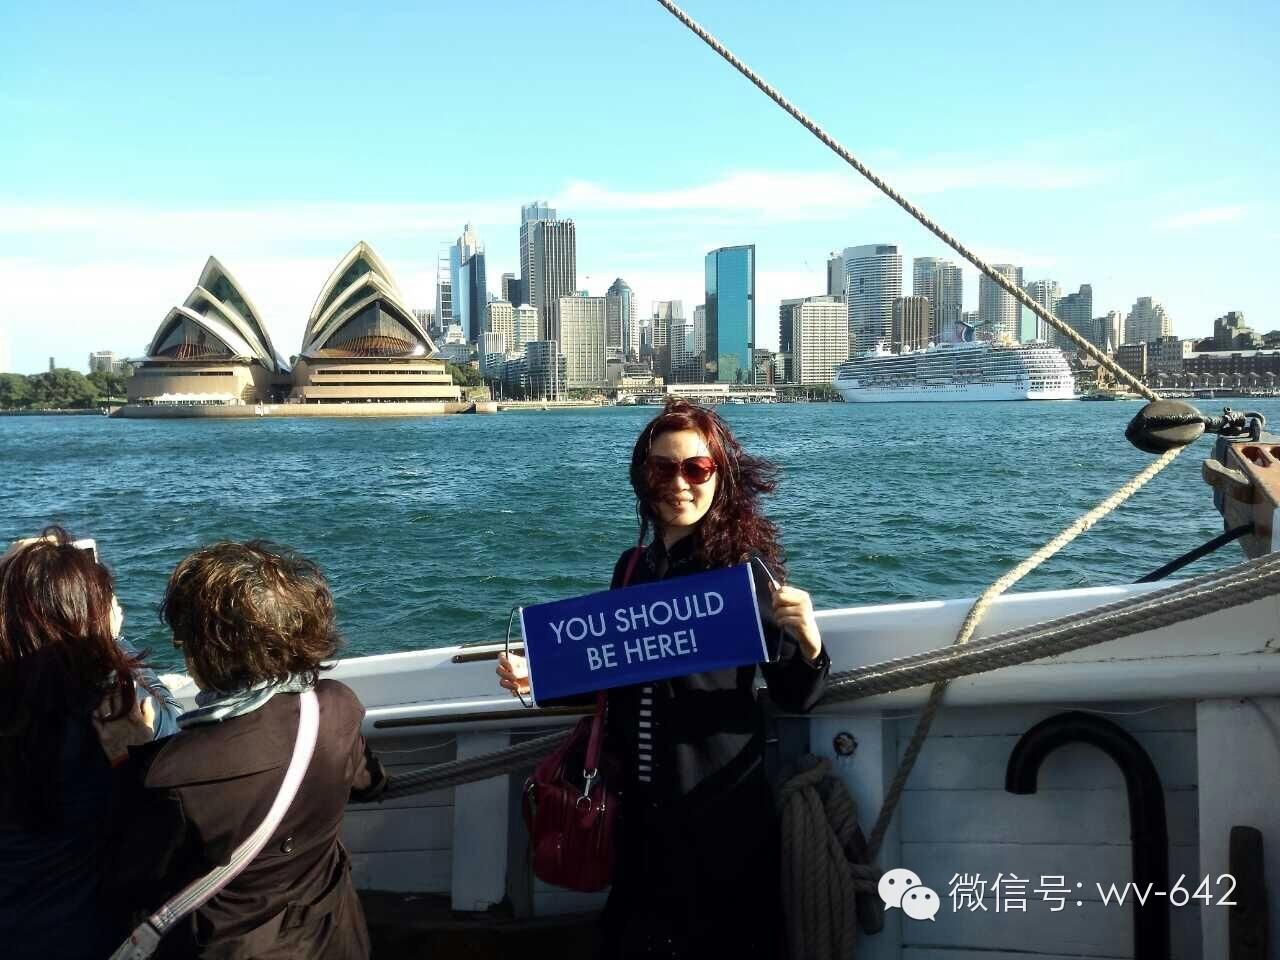 澳大利亚免签了! 991957c09cc61adf9547832a63c6a4db.jpg